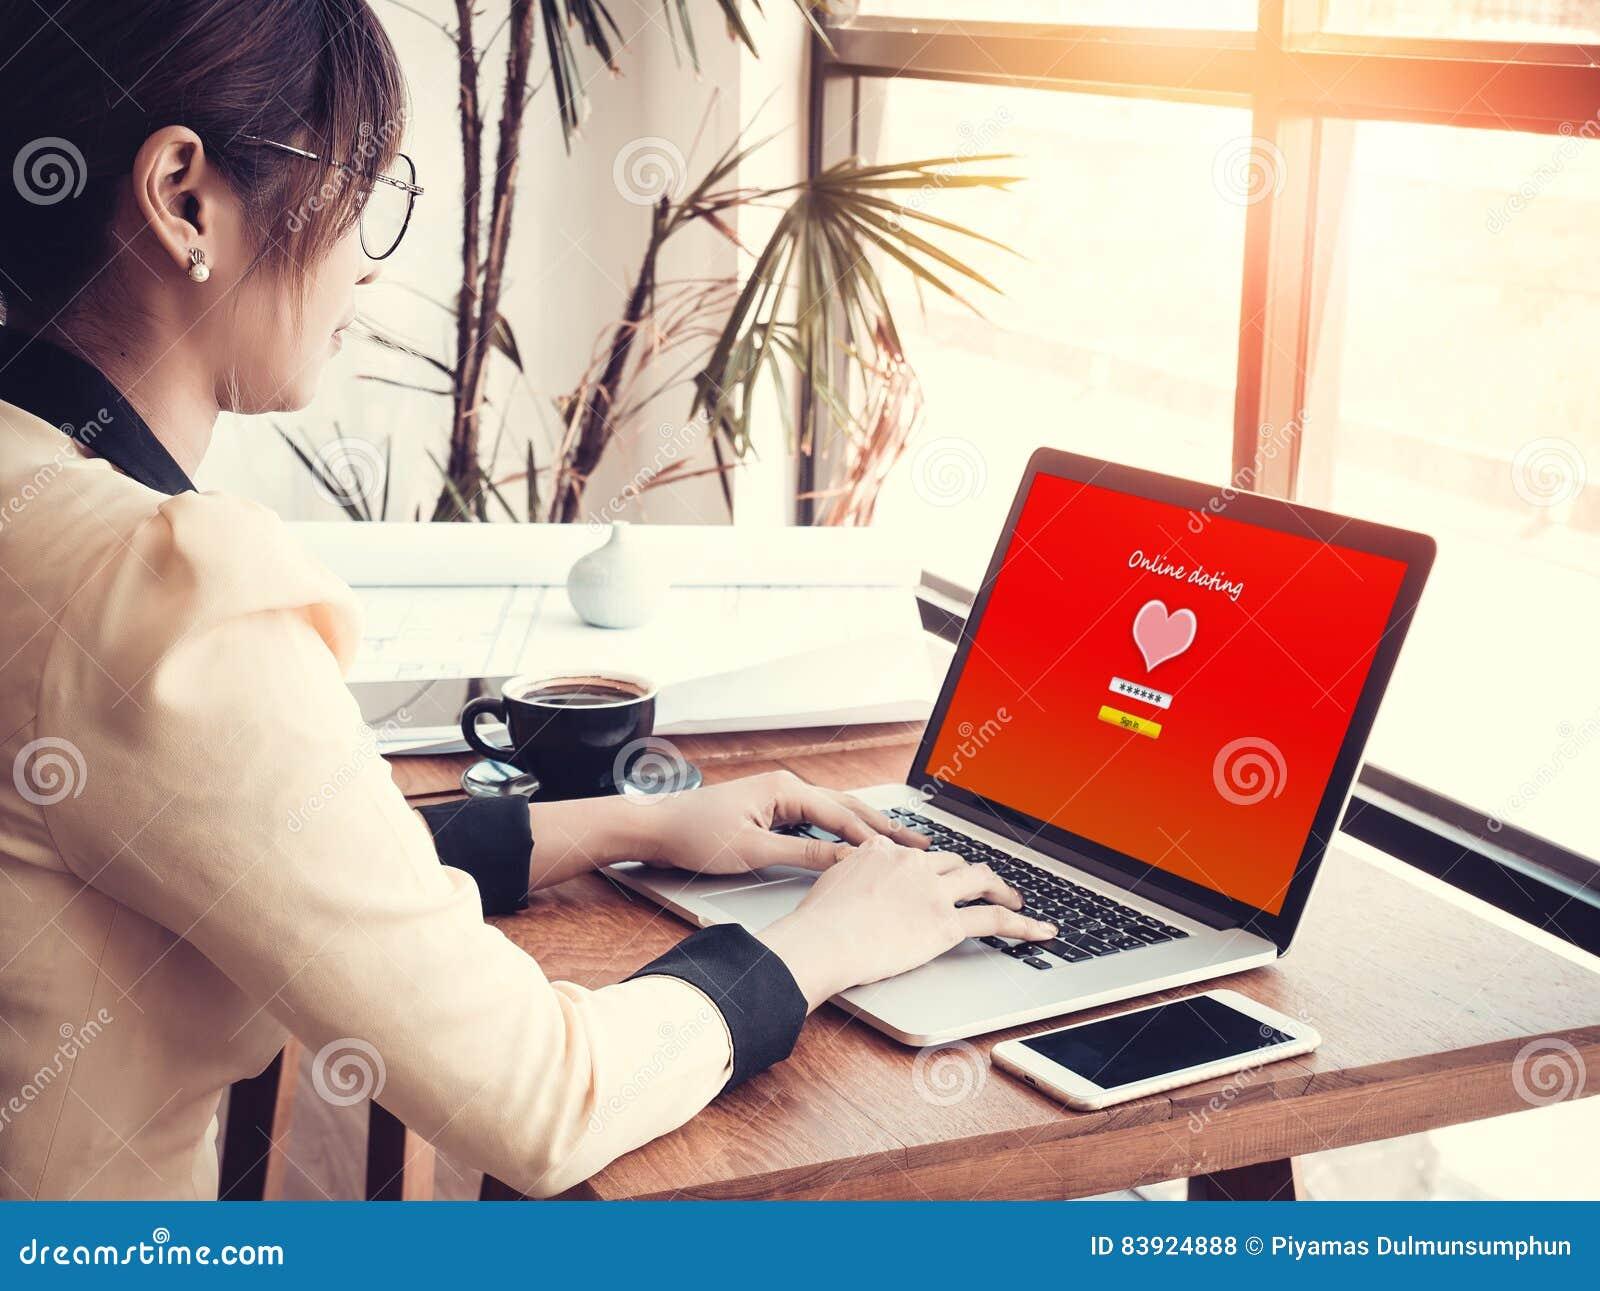 wyszukiwanie nazwy użytkownika przy użyciu datowania serwis randkowy z pogranicza